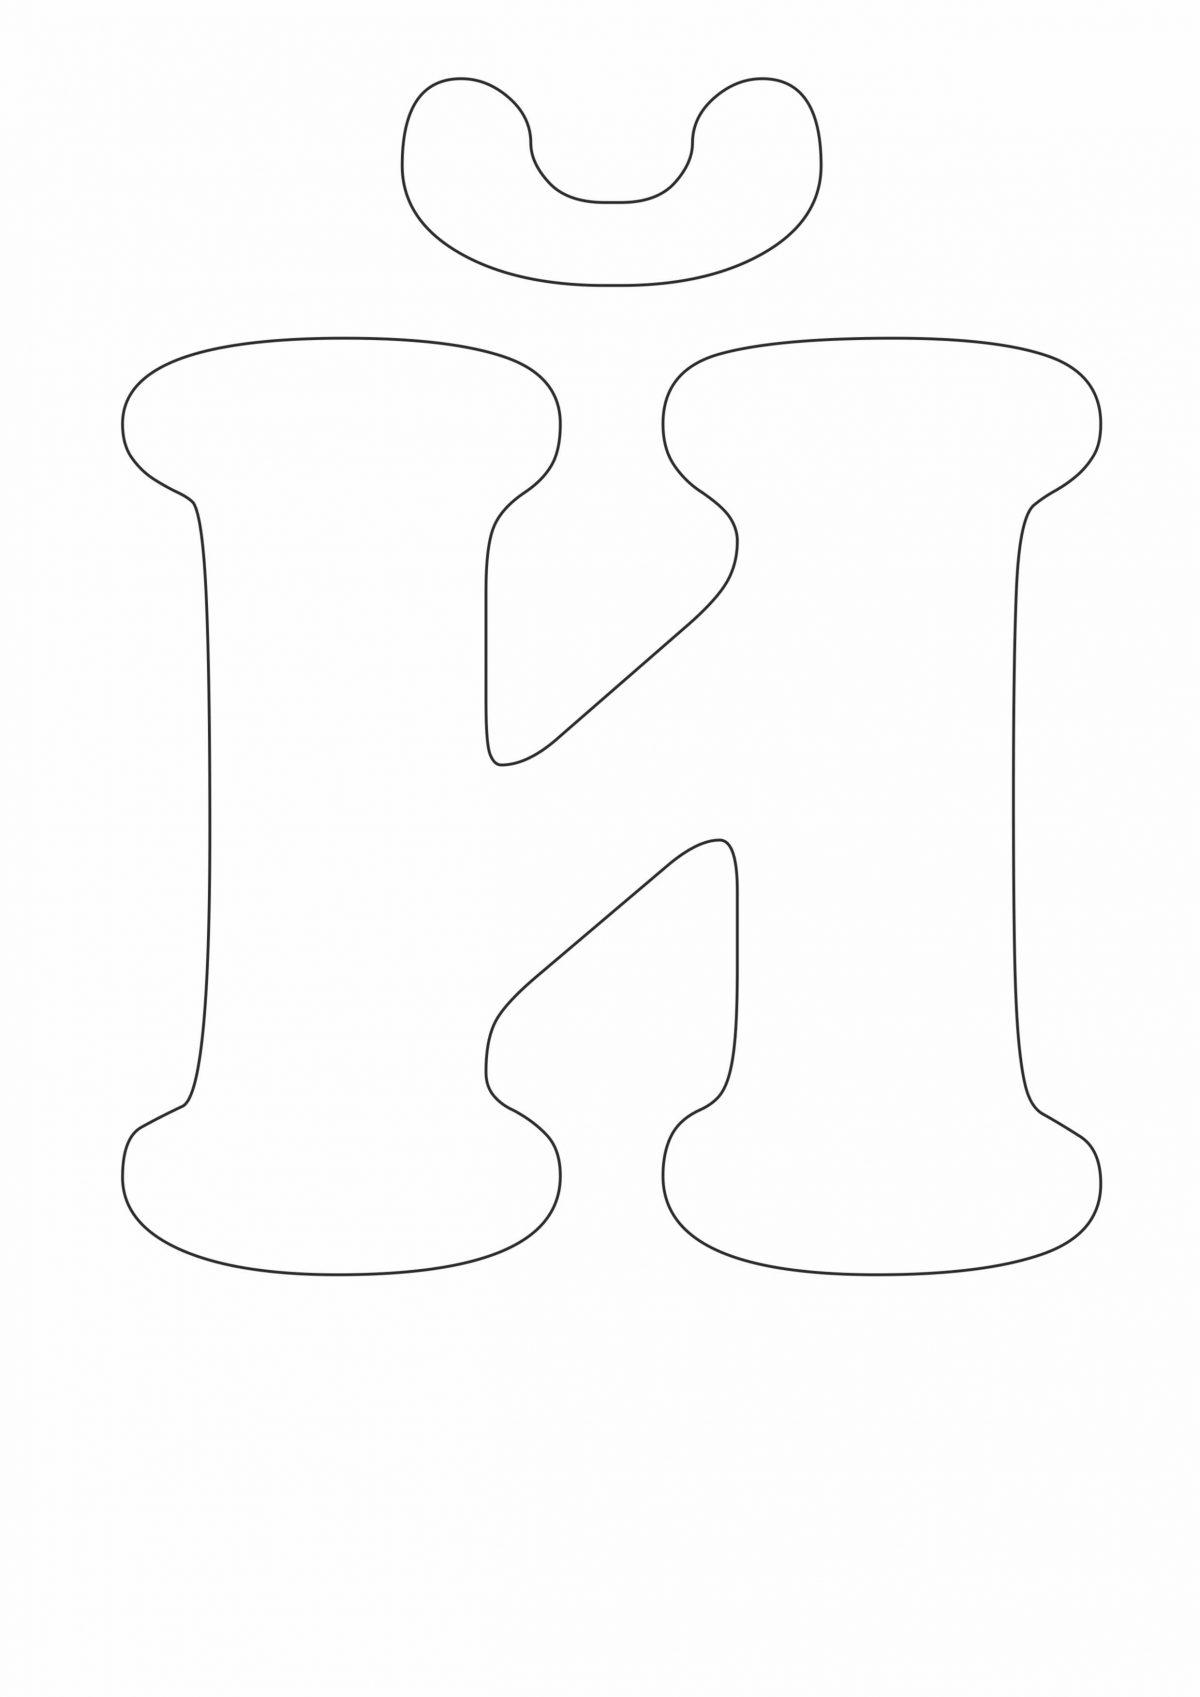 Трафарет буквы Й